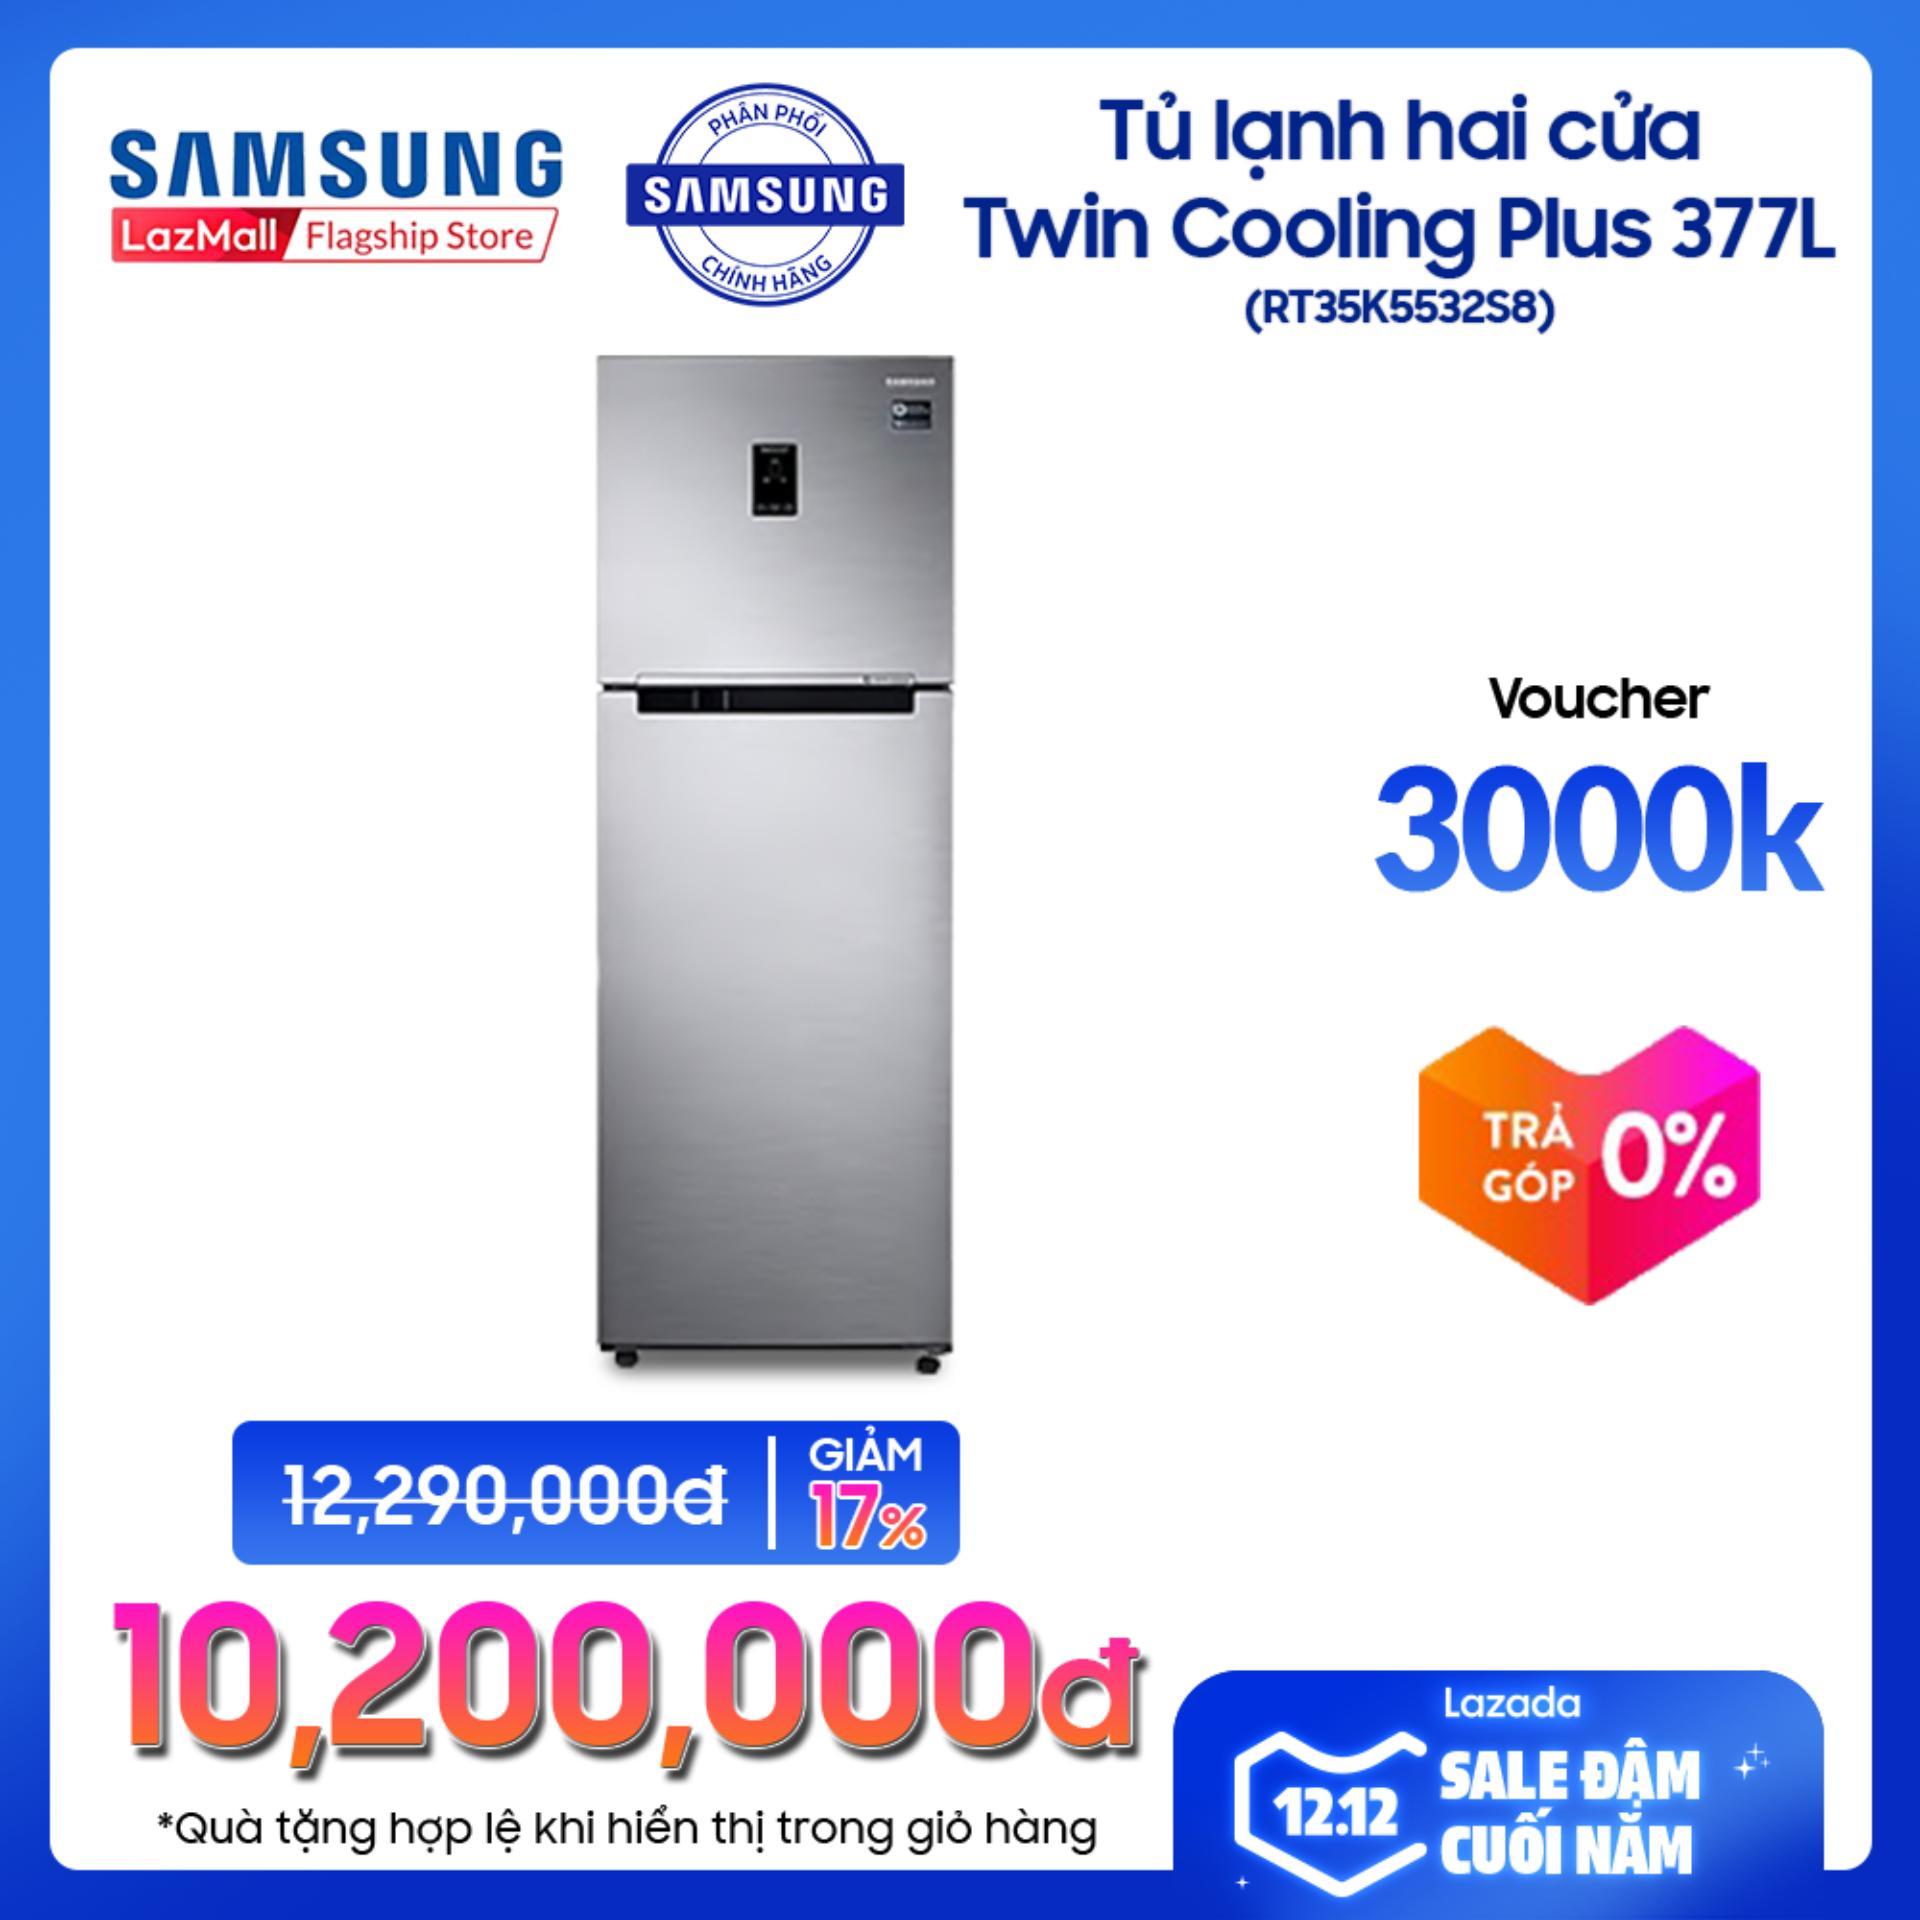 Giá Tiết Kiệm Khi Sở Hữu Tủ Lạnh 2 Cửa Samsung Twin Cooling Plus RT35K5532S8/SV 364L (Đen) - Hàng Phân Phối Chính Hãng